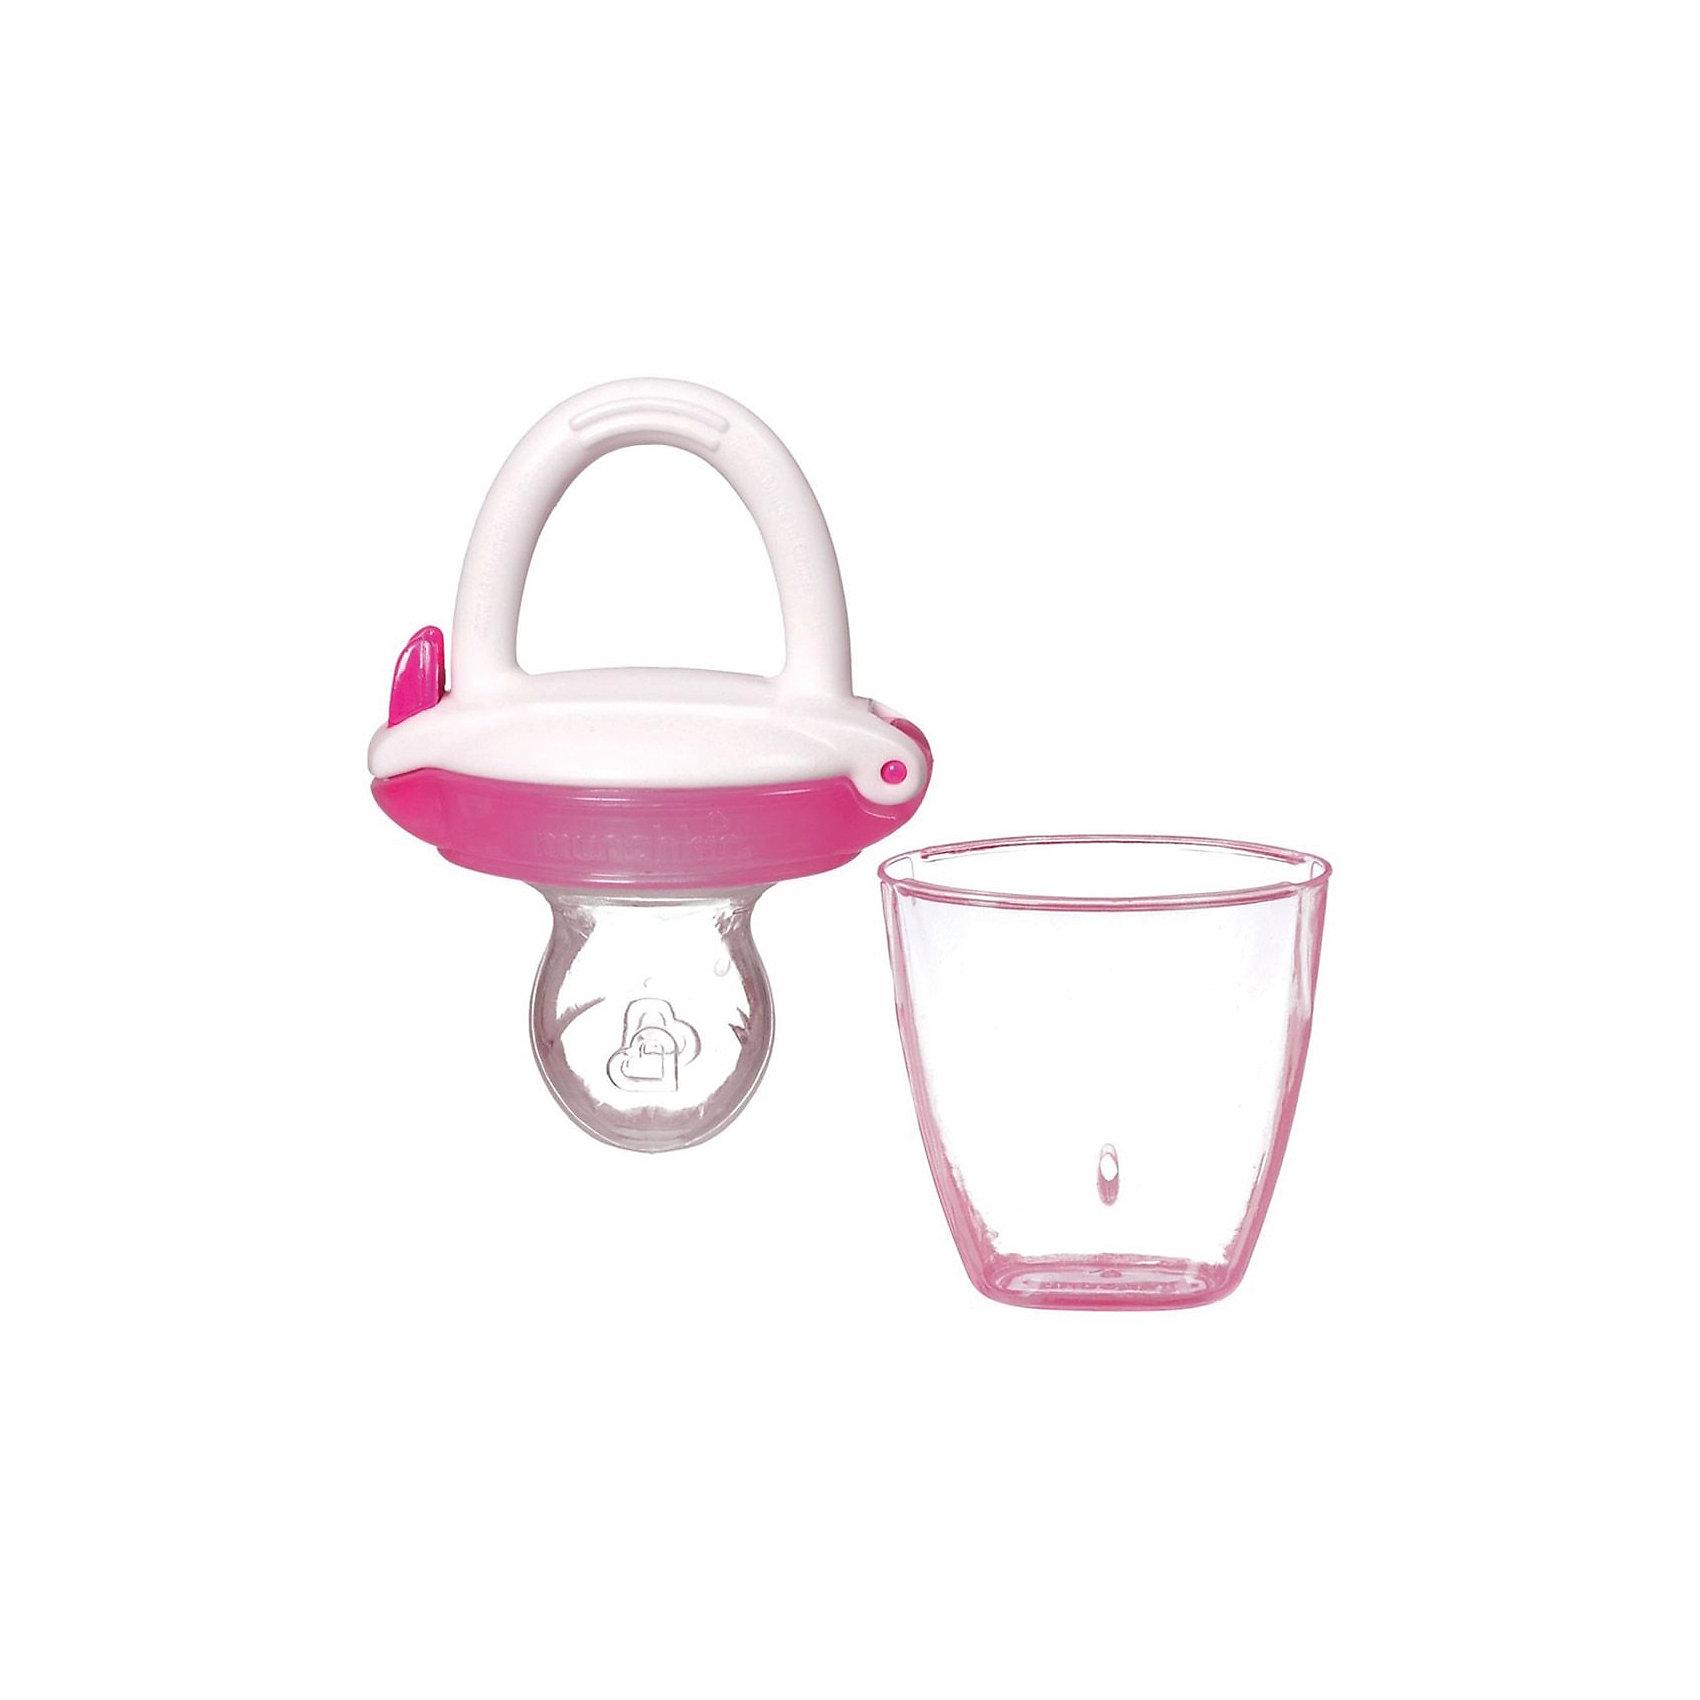 Ниблер для детского питания, Munchkin, розовыйПрочие товары для кормления<br>Ниблер для детского питания, Munchkin, красный<br><br>Характеристики:<br><br>• Цвет: красный<br>• Материал: пластик, силикон<br>• Не содержит бисфенол А<br>• От 4 месяцев<br><br>Красивый и полностью безопасный ниблер сделан из качественных материалов, которые не содержат вредных веществ. Отлично подходят для введения прикорма: кусочков фруктов, овощей, печенья и даже мяса. Силиконовая часть, в которую помещены кусочки фруктов и овощей, пропускает еду в виде пюре. Это помогает на первоначальных этапах прикорма. Кроме этого ниблер может послужить прорезывателем для зубов. Удобная ручка не выскальзывает из маленьких рук ребенка и помогает ему самостоятельно учиться кушать. Есть крышечка в комплекте. Ниблер легко чистить.<br><br>Ниблер для детского питания, Munchkin, красный можно купить в нашем интернет-магазине.<br><br>Ширина мм: 50<br>Глубина мм: 200<br>Высота мм: 100<br>Вес г: 50<br>Возраст от месяцев: 4<br>Возраст до месяцев: 12<br>Пол: Унисекс<br>Возраст: Детский<br>SKU: 5101193